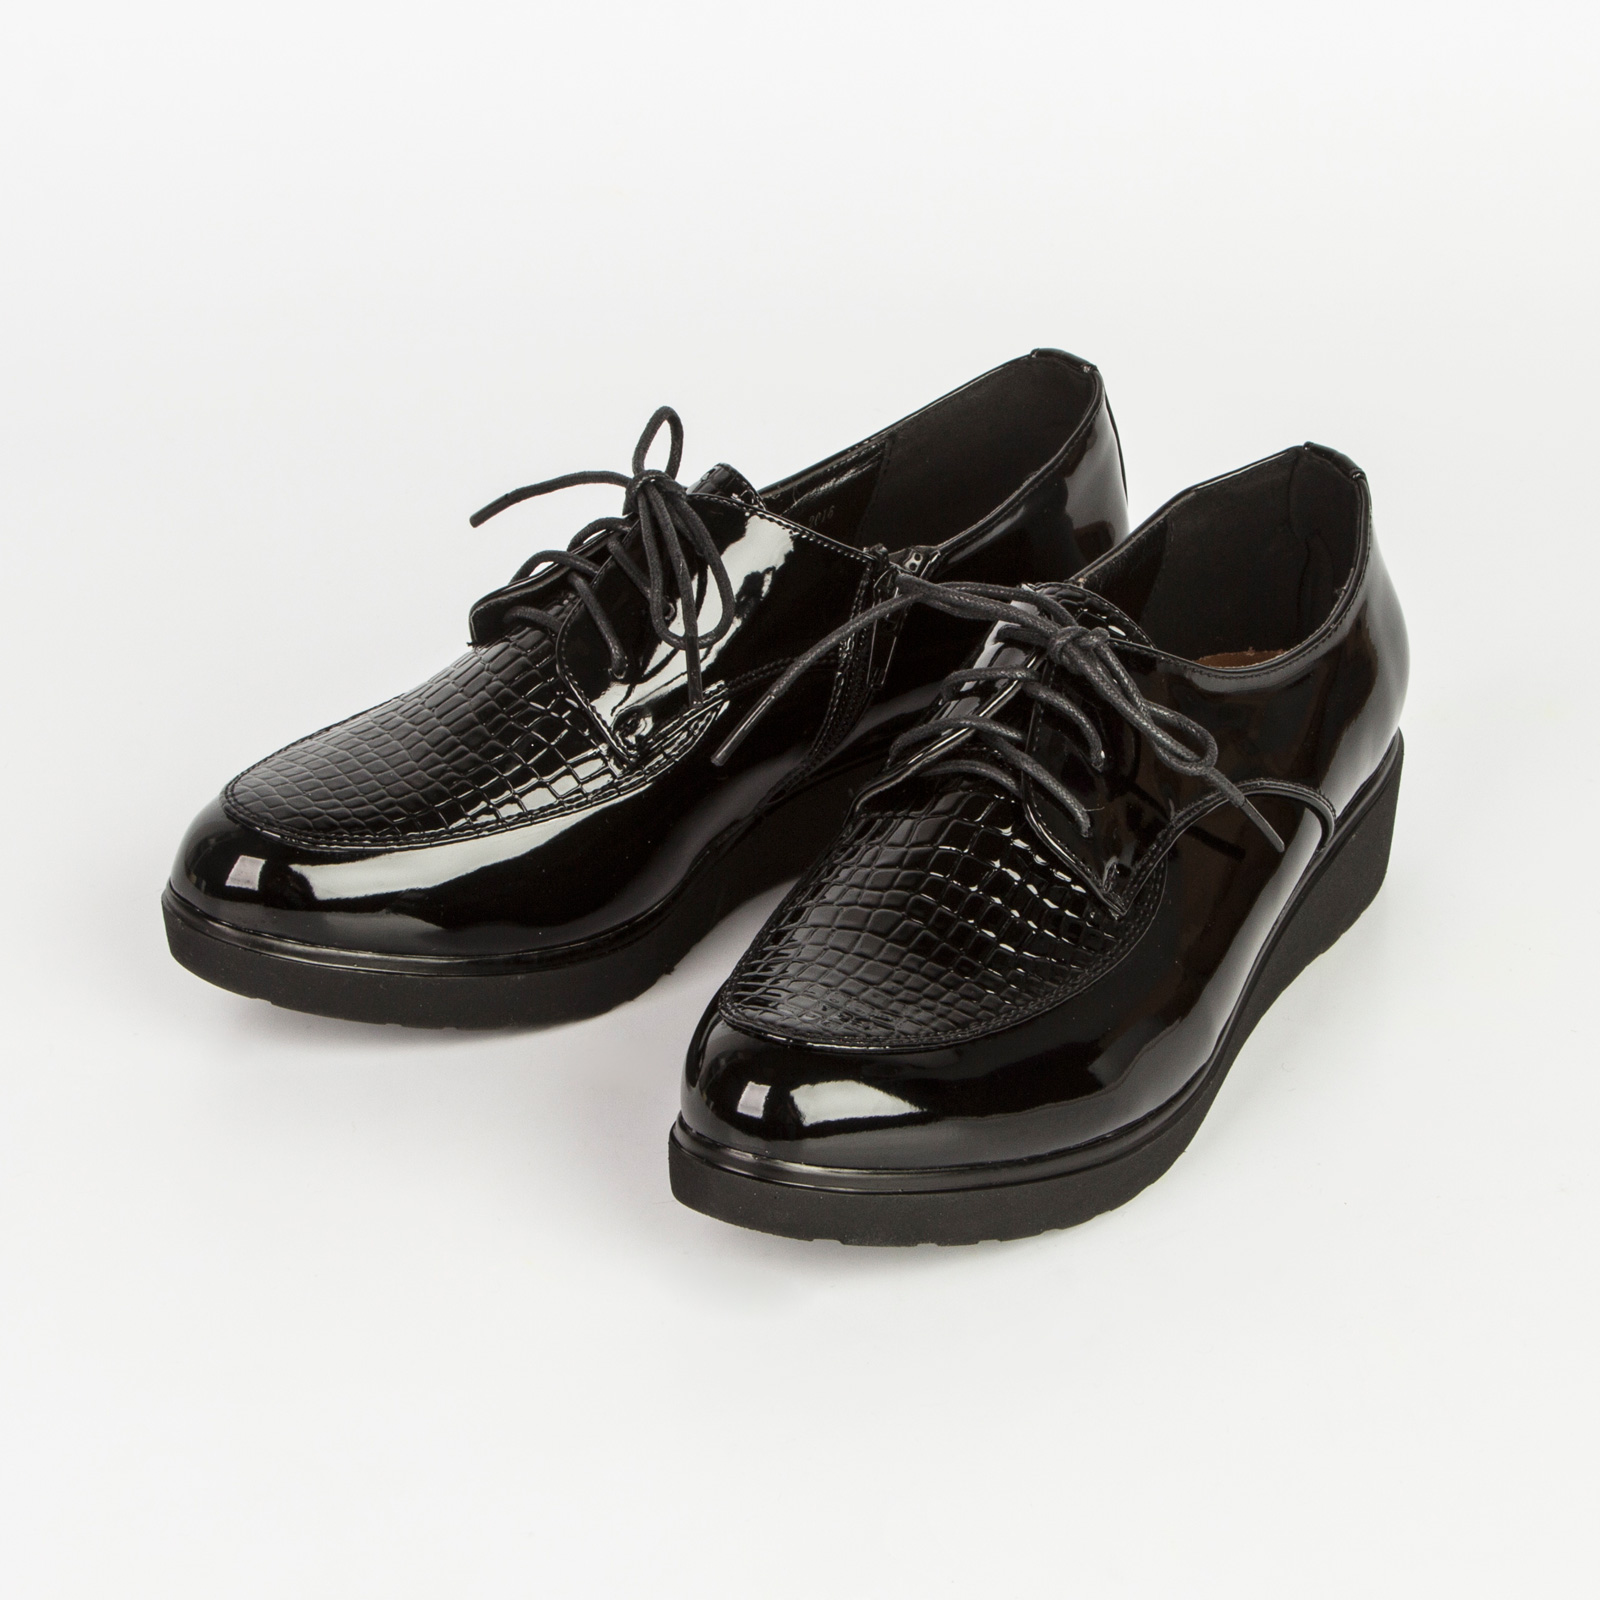 Ботинки женские лакированные на шнуровке и небольшой платформе